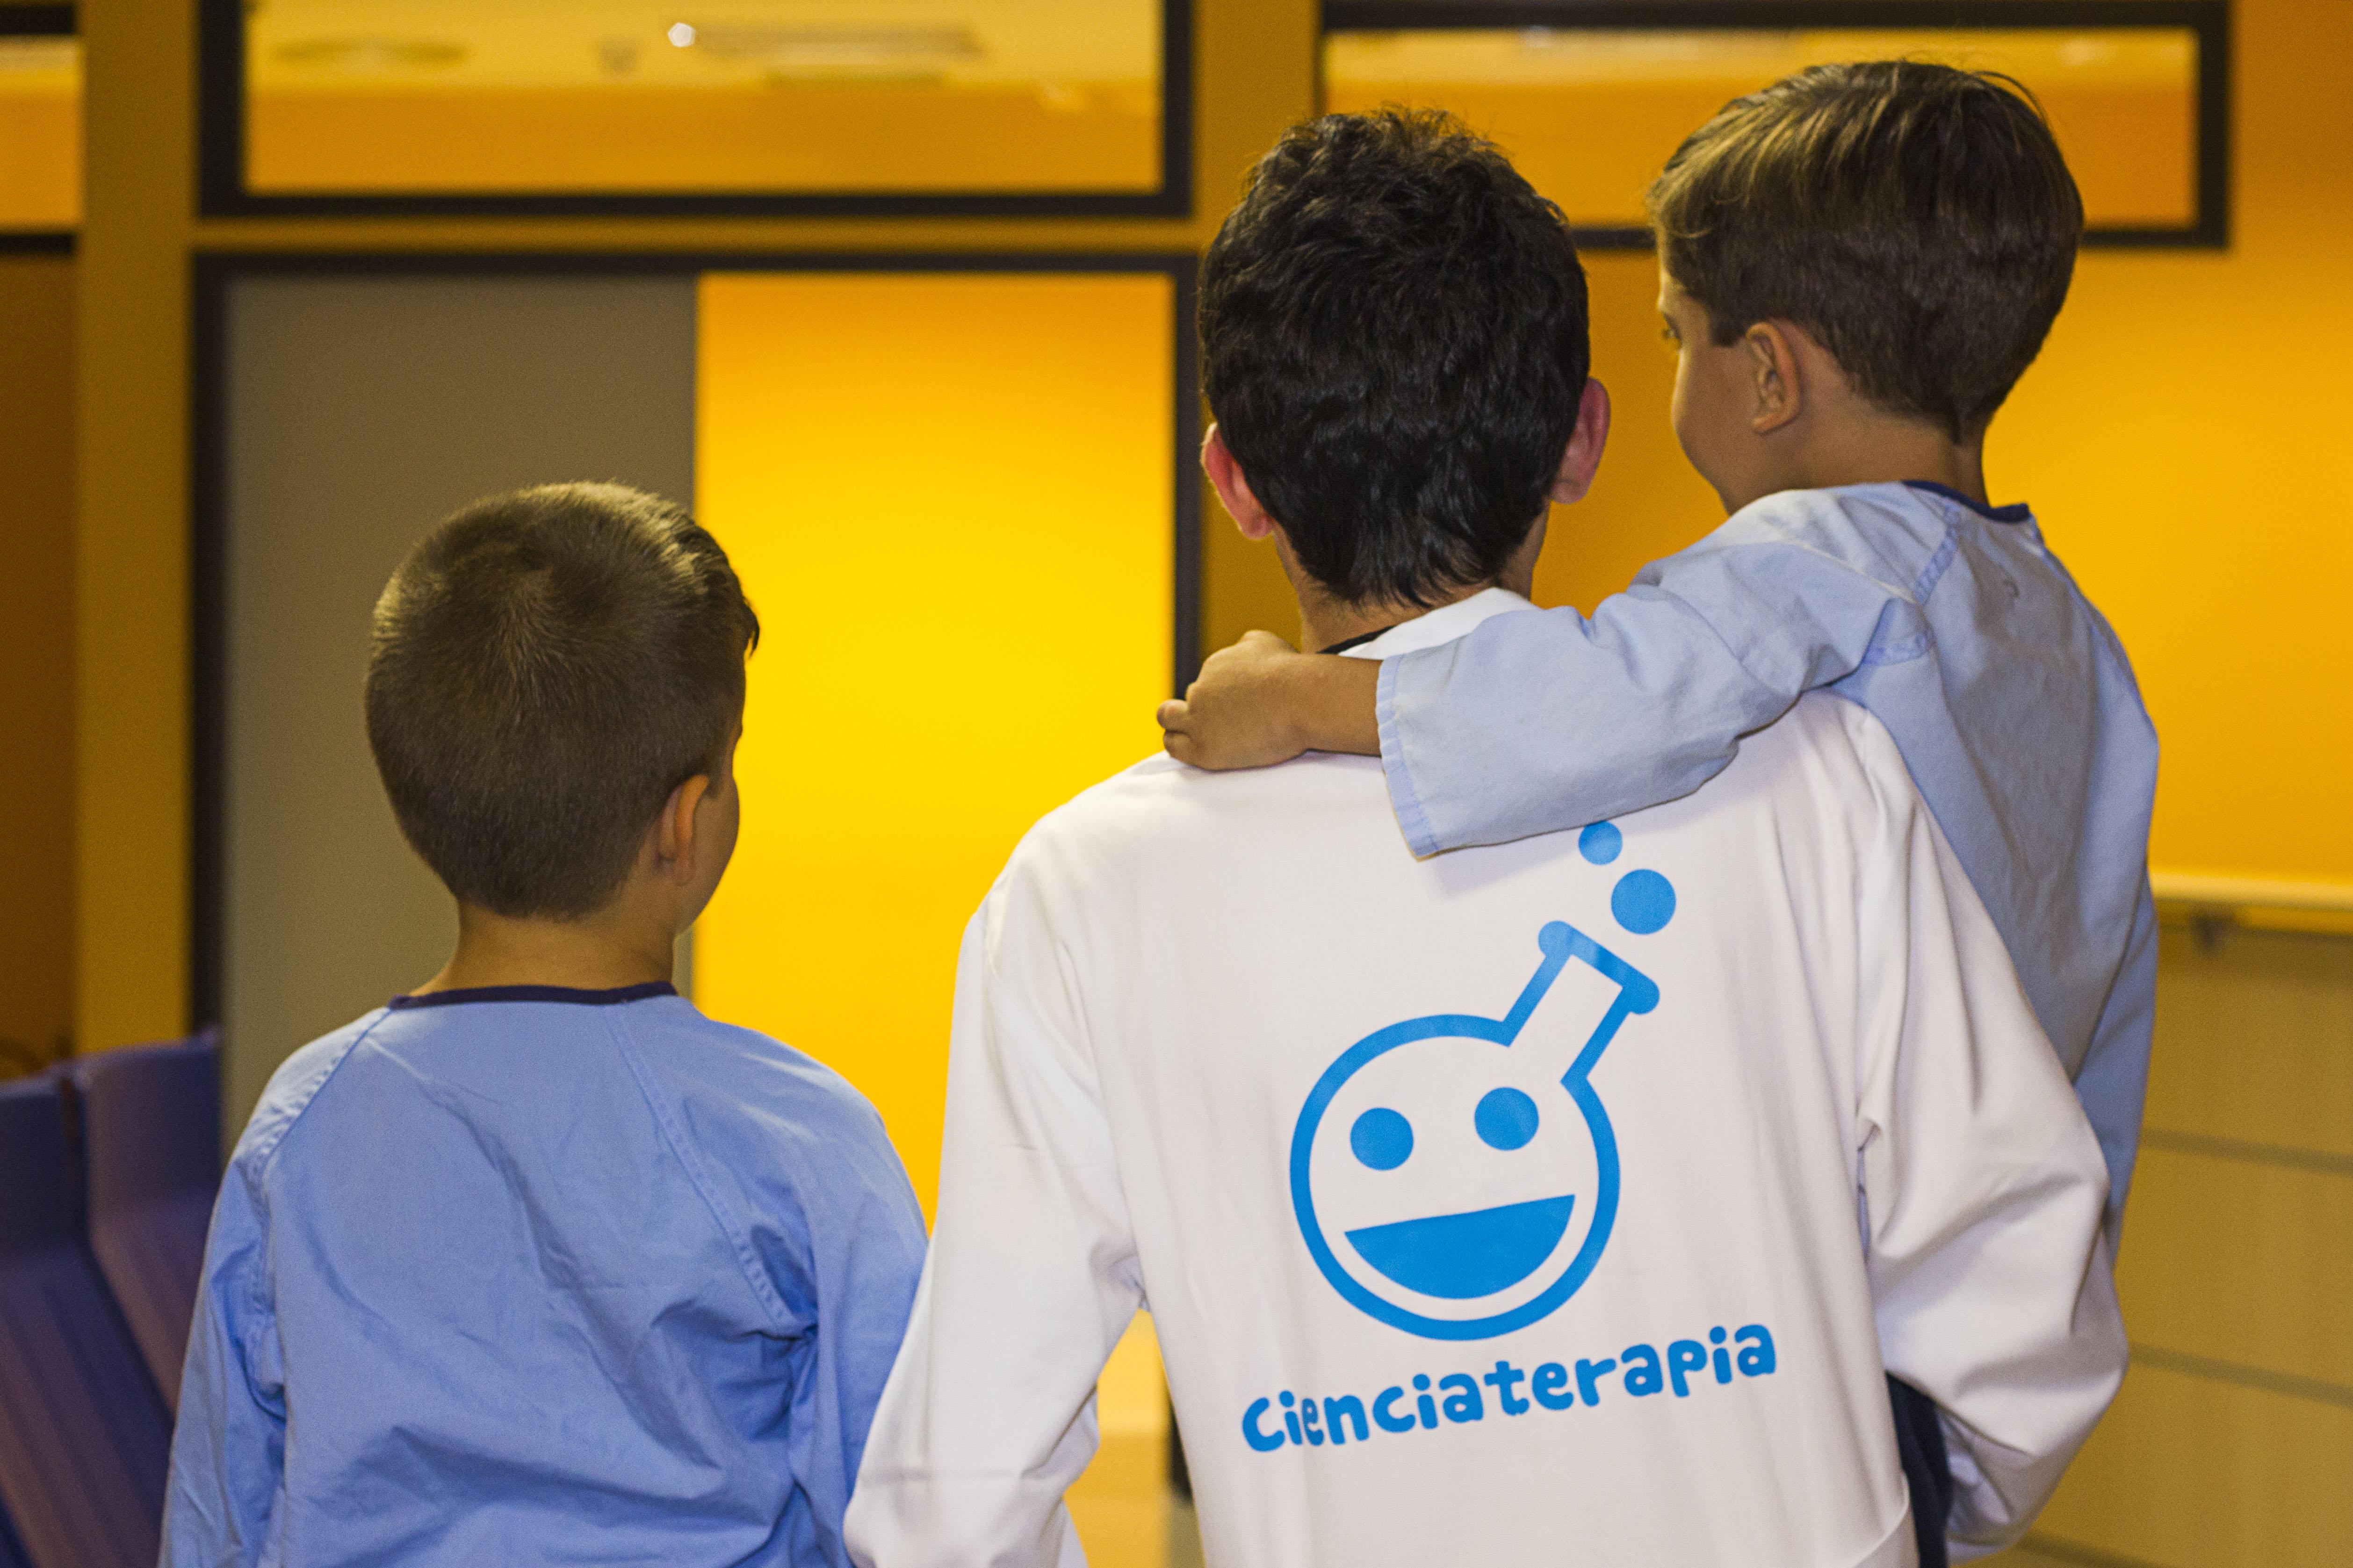 Cienciaterapeuta de espaldas con la bata que lleva el logo llevando a un niño en brazos